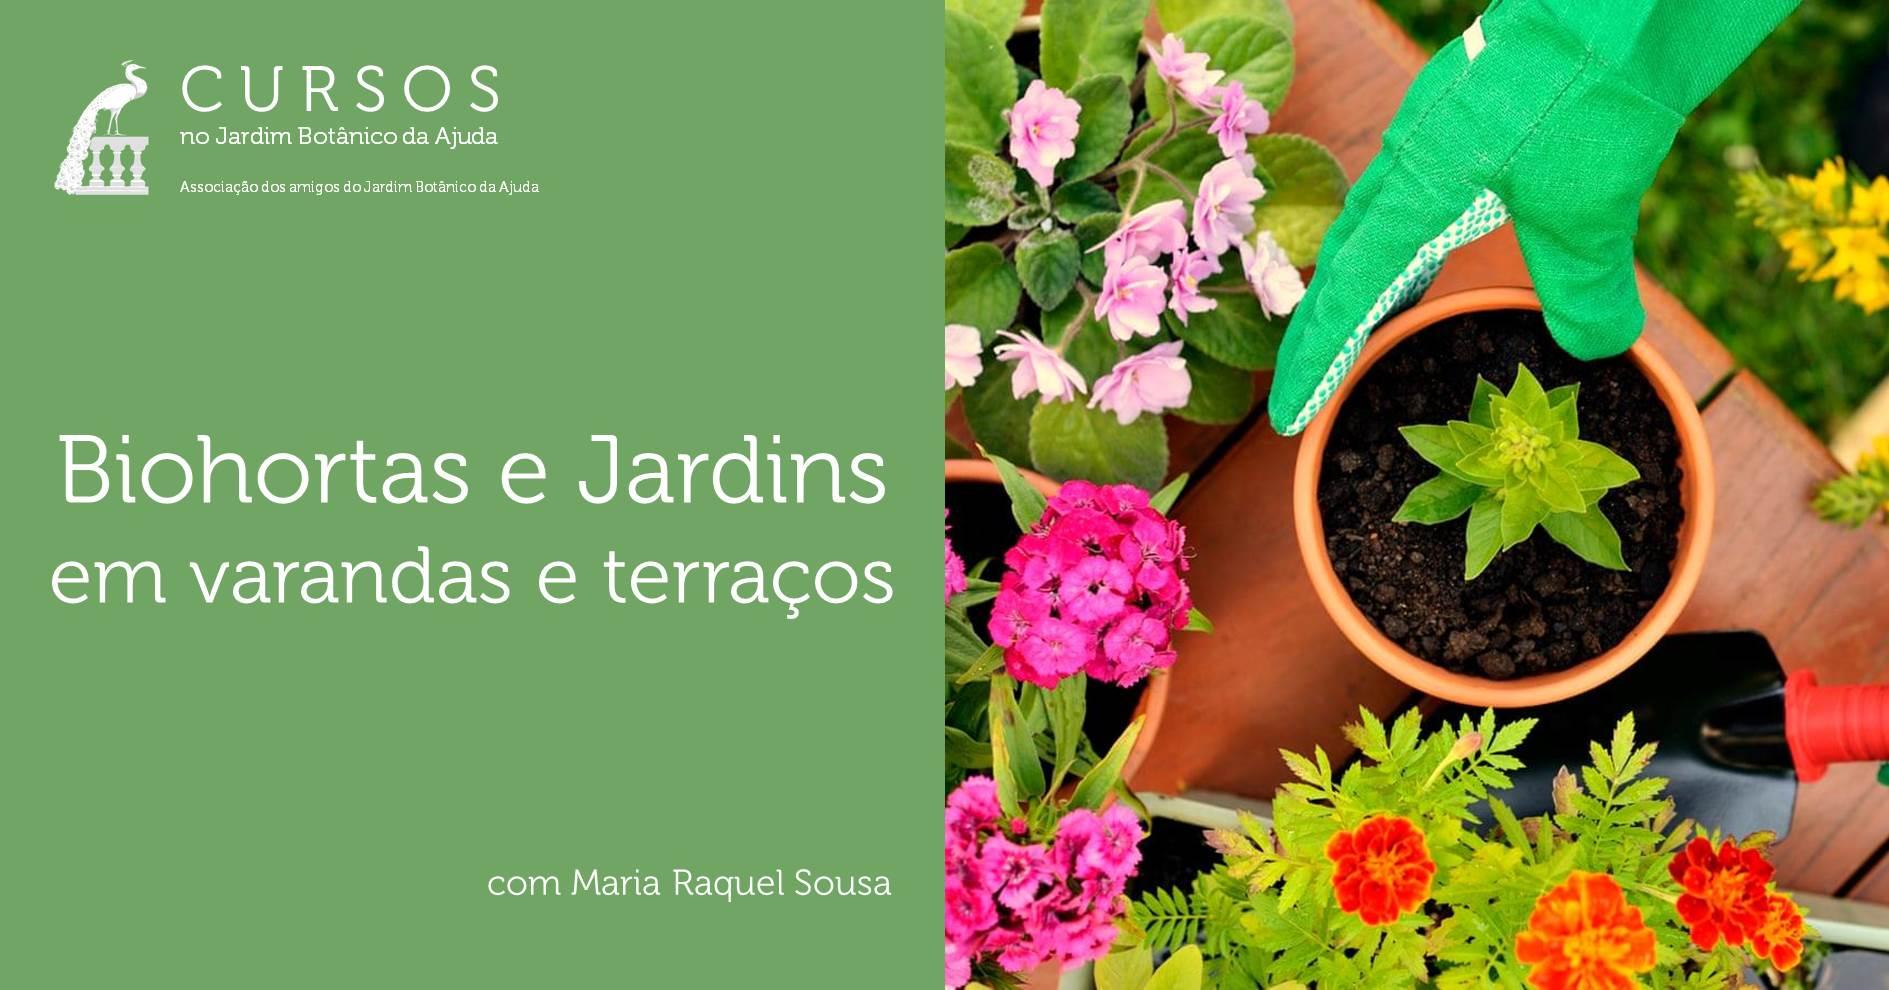 Biohortas e Jardins em varandas e terraços